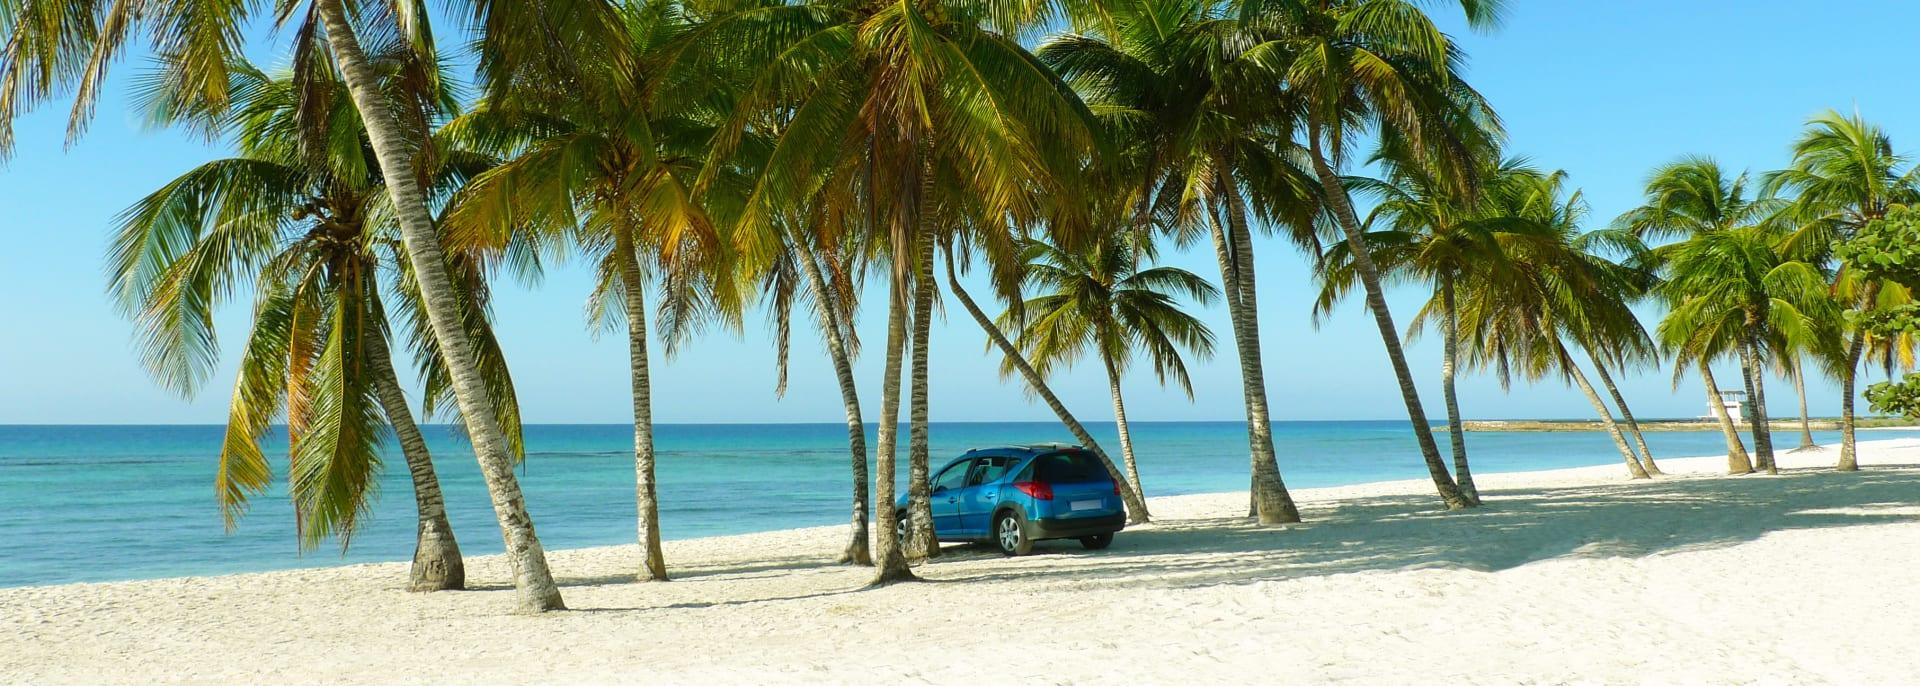 Mietwagenrundreisen, Mauritius